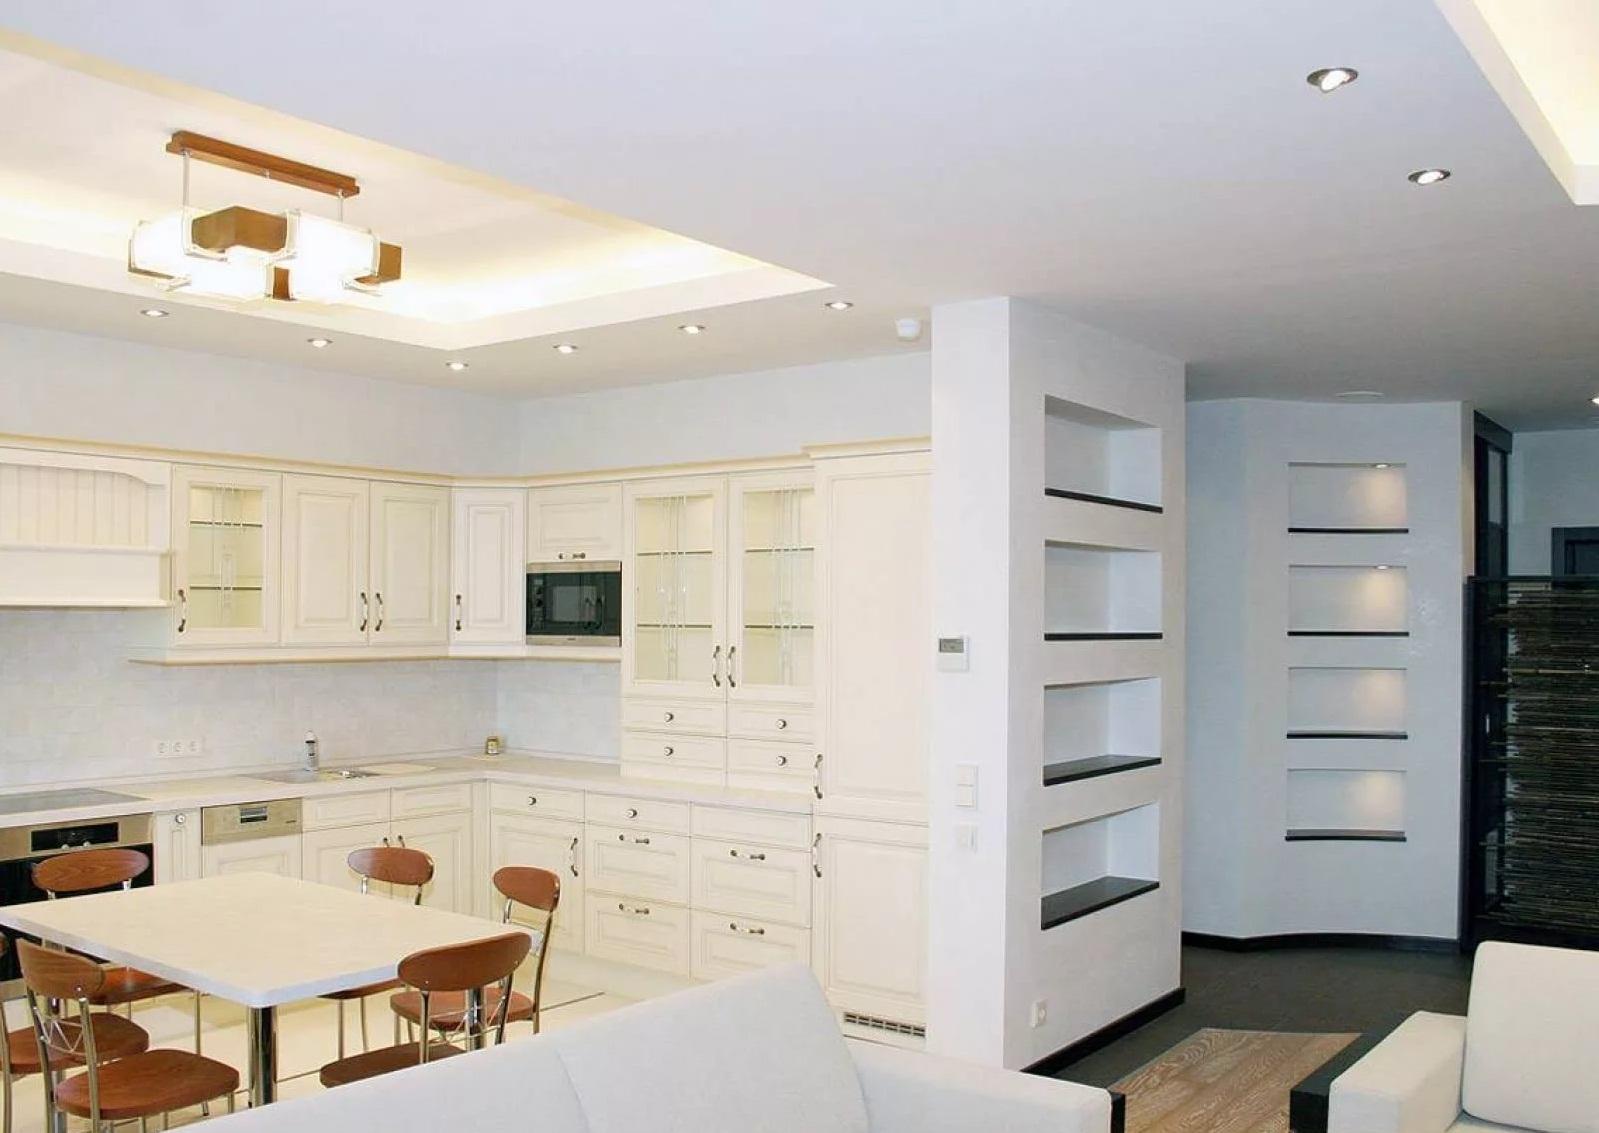 Перепланировка кухни в двухкомнатной квартире